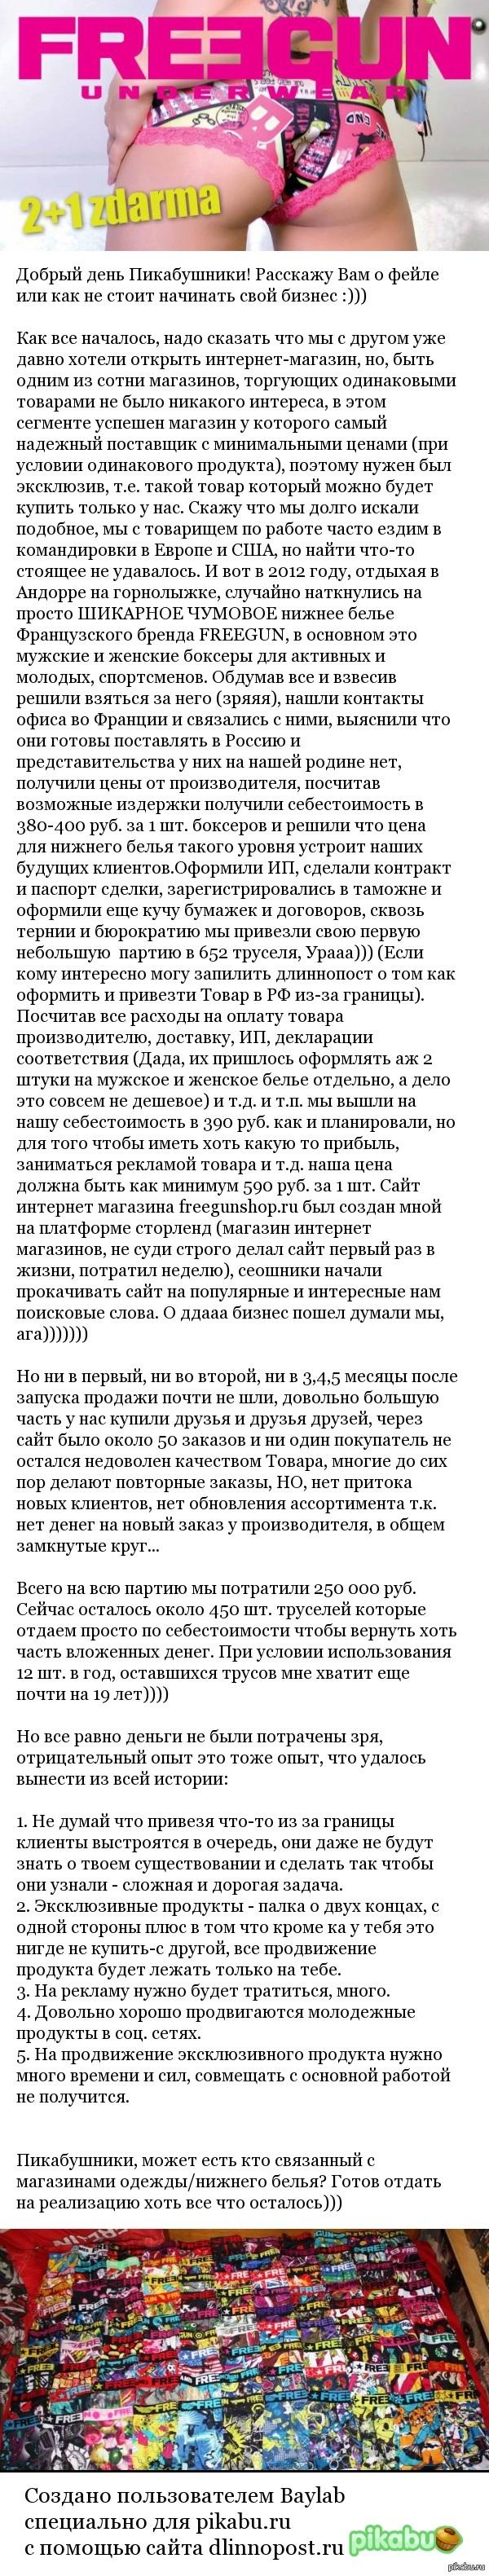 Палета трусов Поставил клубничку за попку)